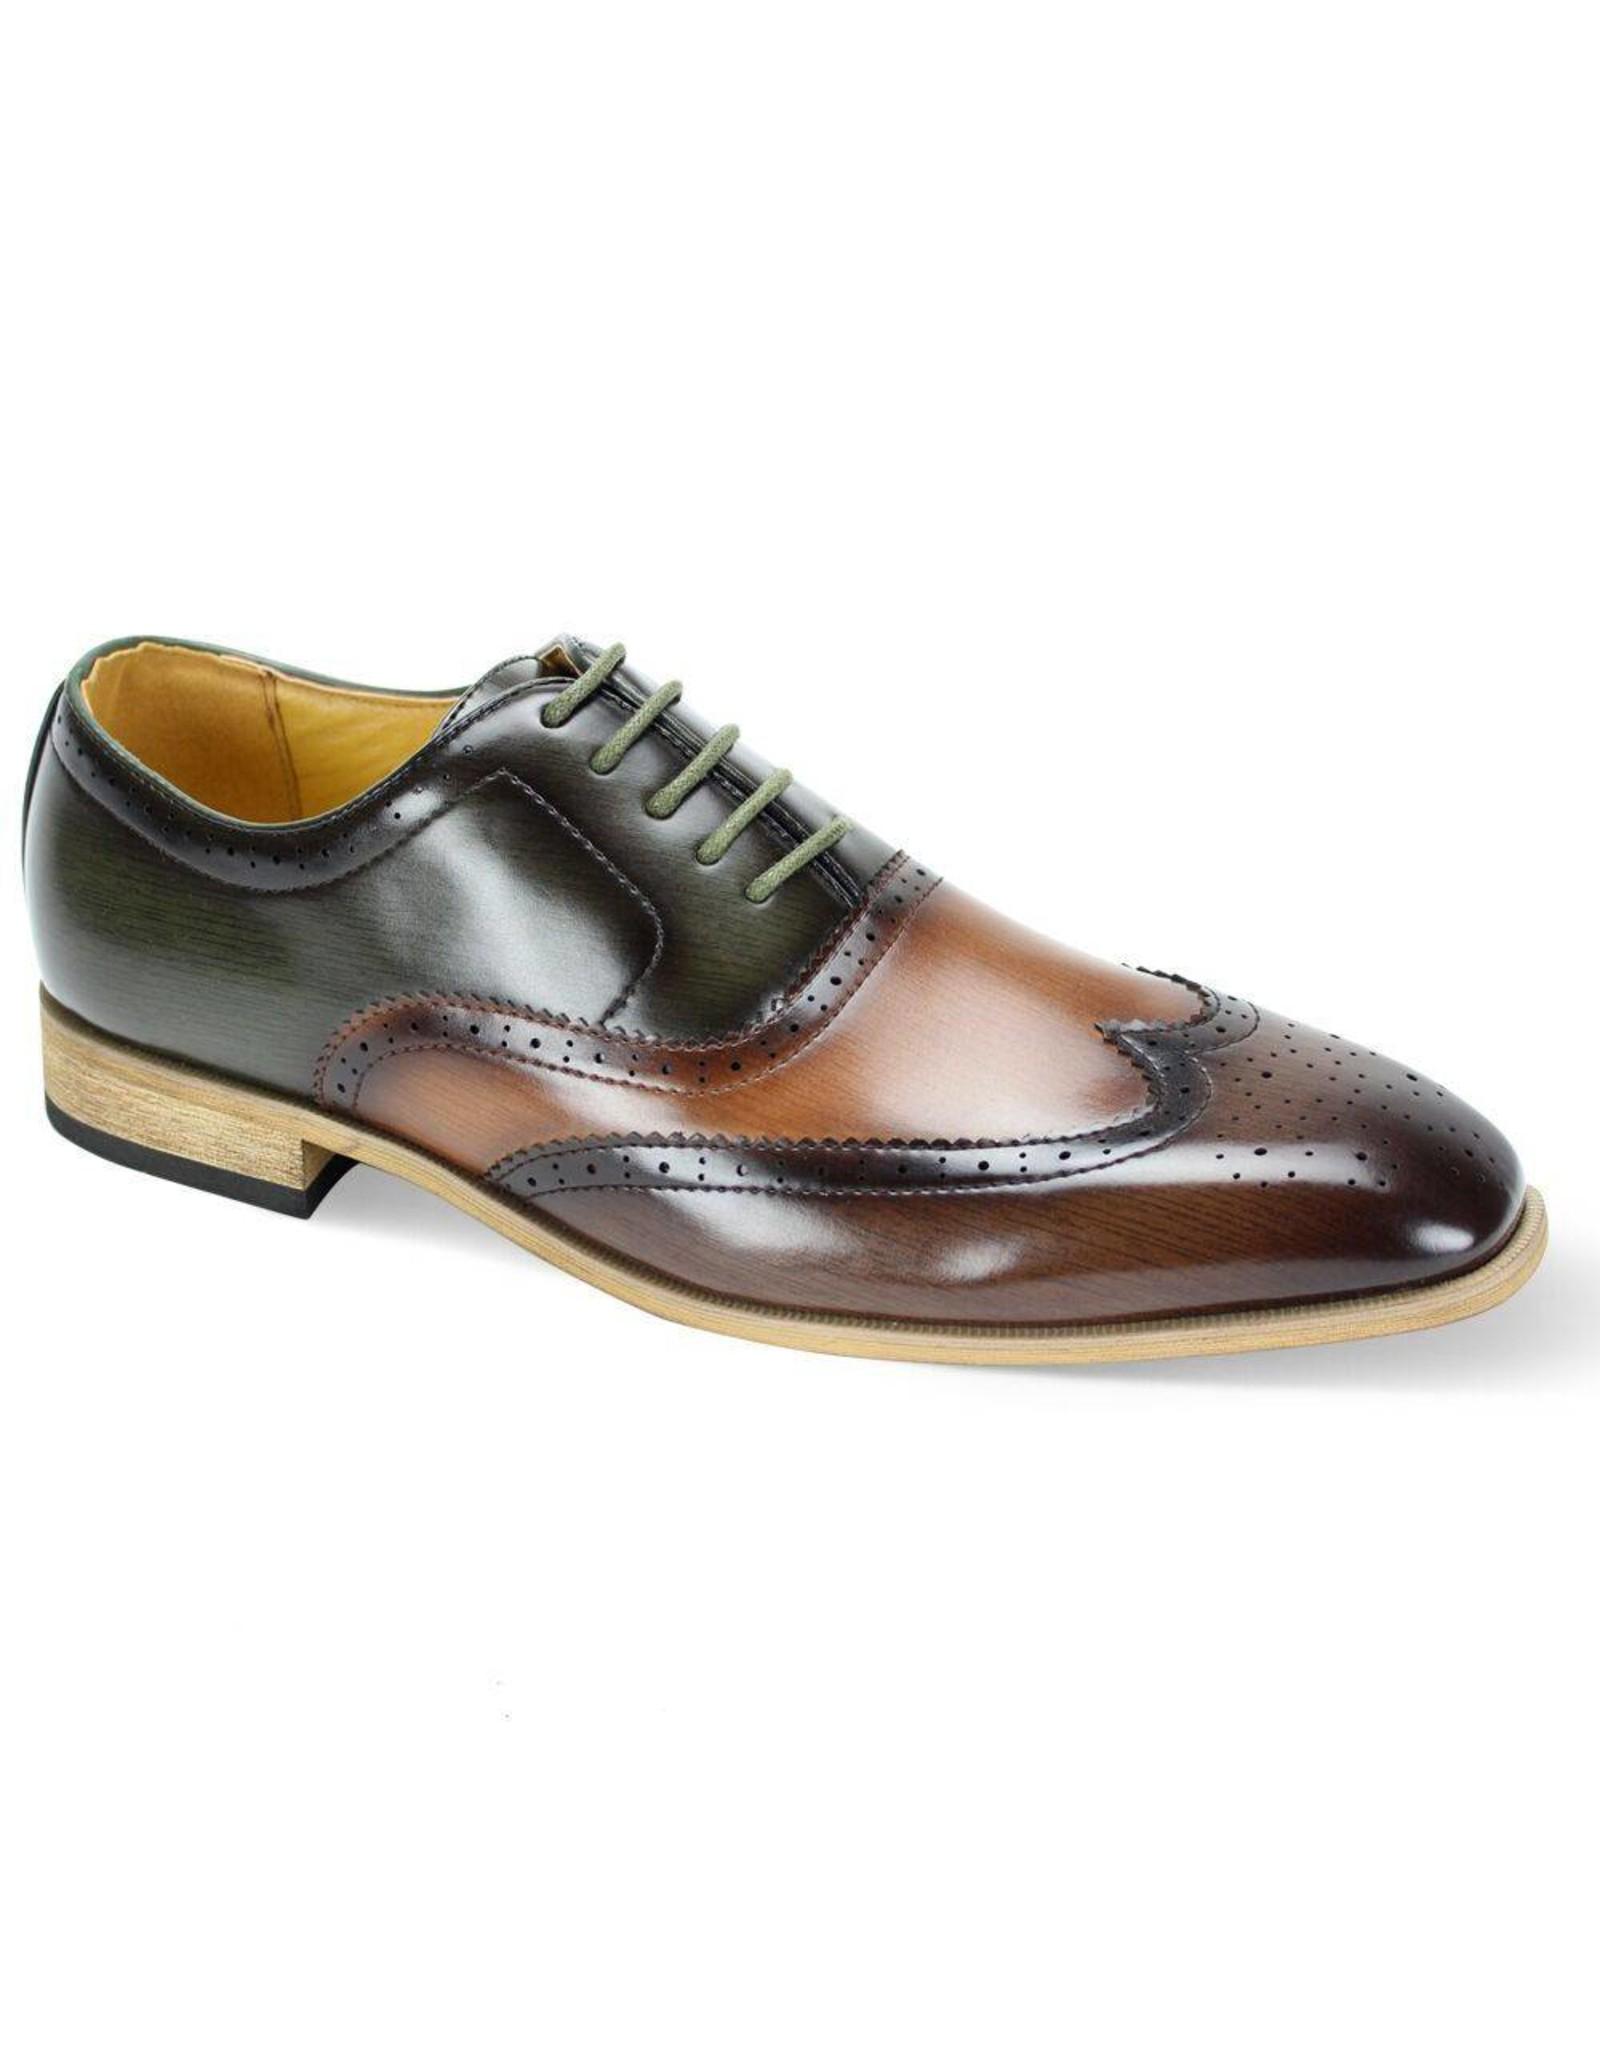 Antonio Cerrelli Antonio Cerrelli 6781 Dress Shoe - Brown/Scotch/Olive